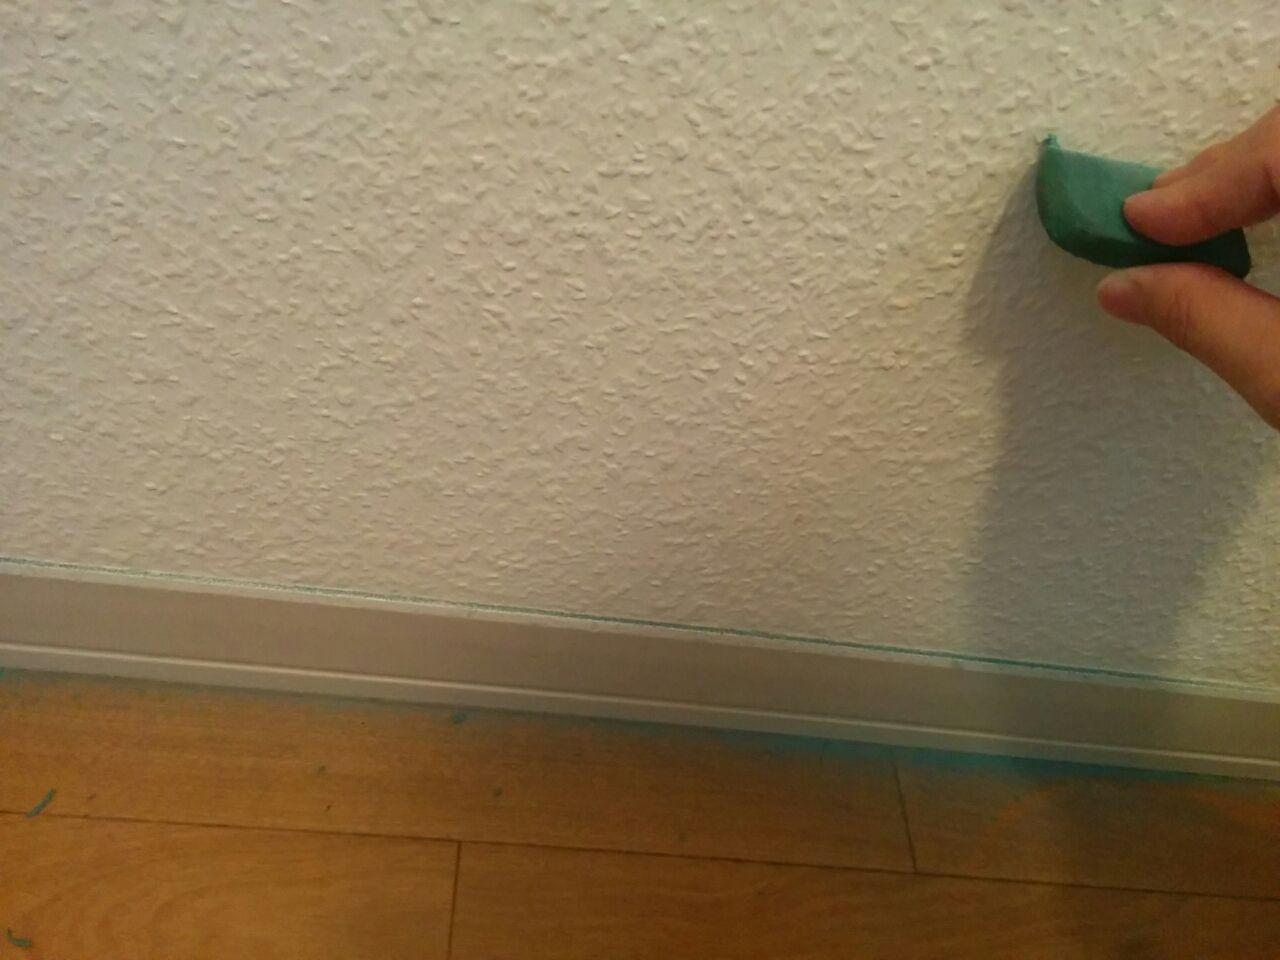 ヒルナンデス 掃除 洗濯売れ筋ベスト3と壁紙掃除 節約ママのこだわり掃除